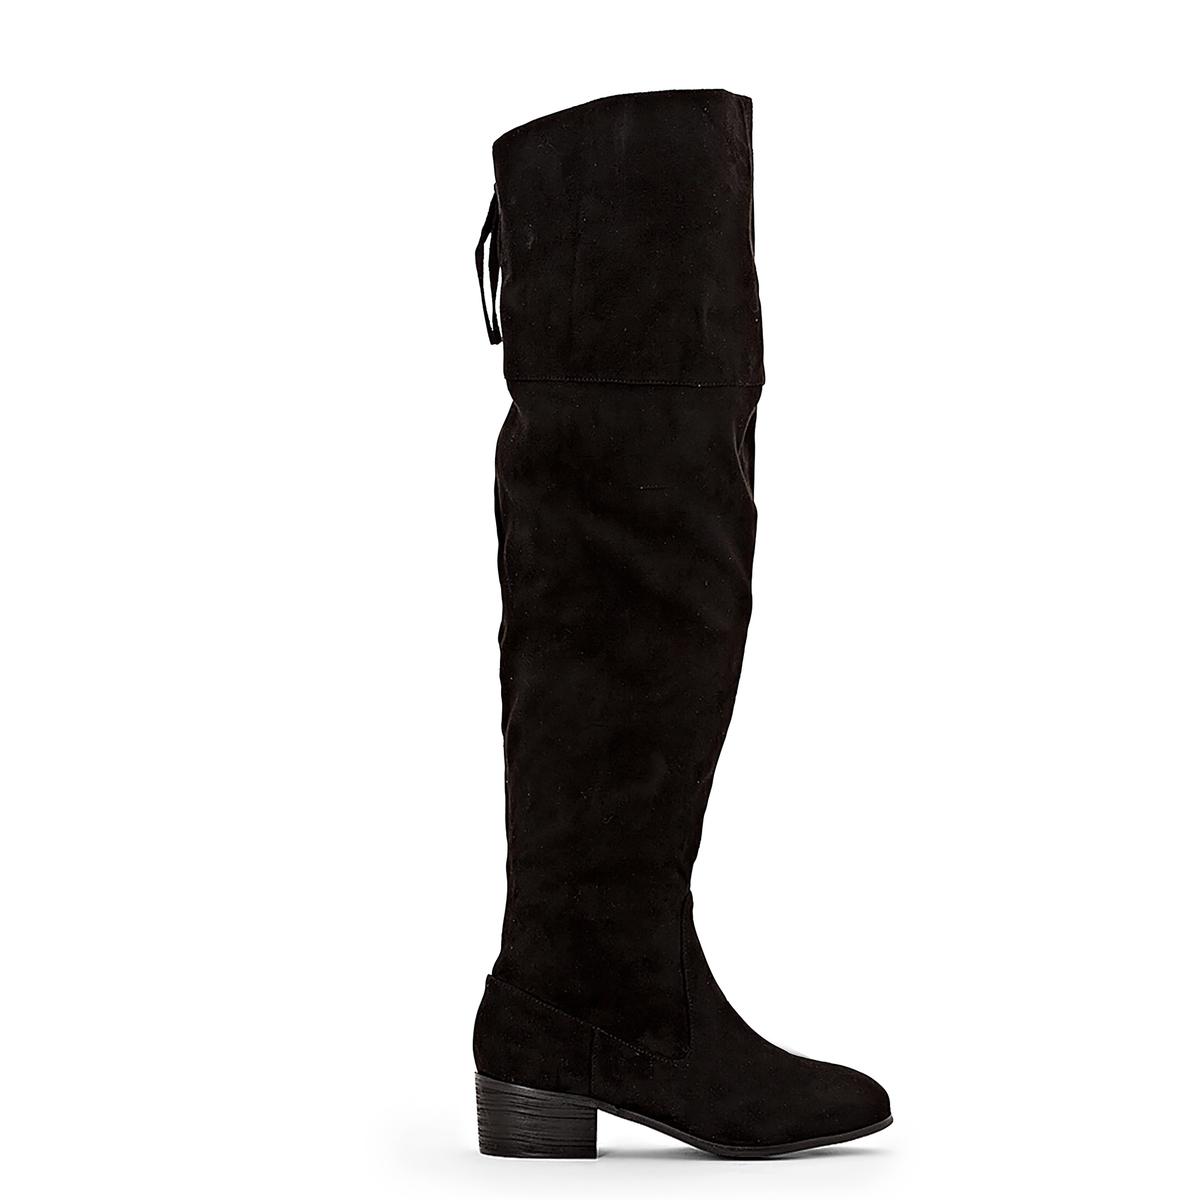 Бофорты La Redoute На молнии на плоском каблуке для широкой стопы размеры - 42 черный ботильоны la redoute кожаные на молнии размеры 26 каштановый